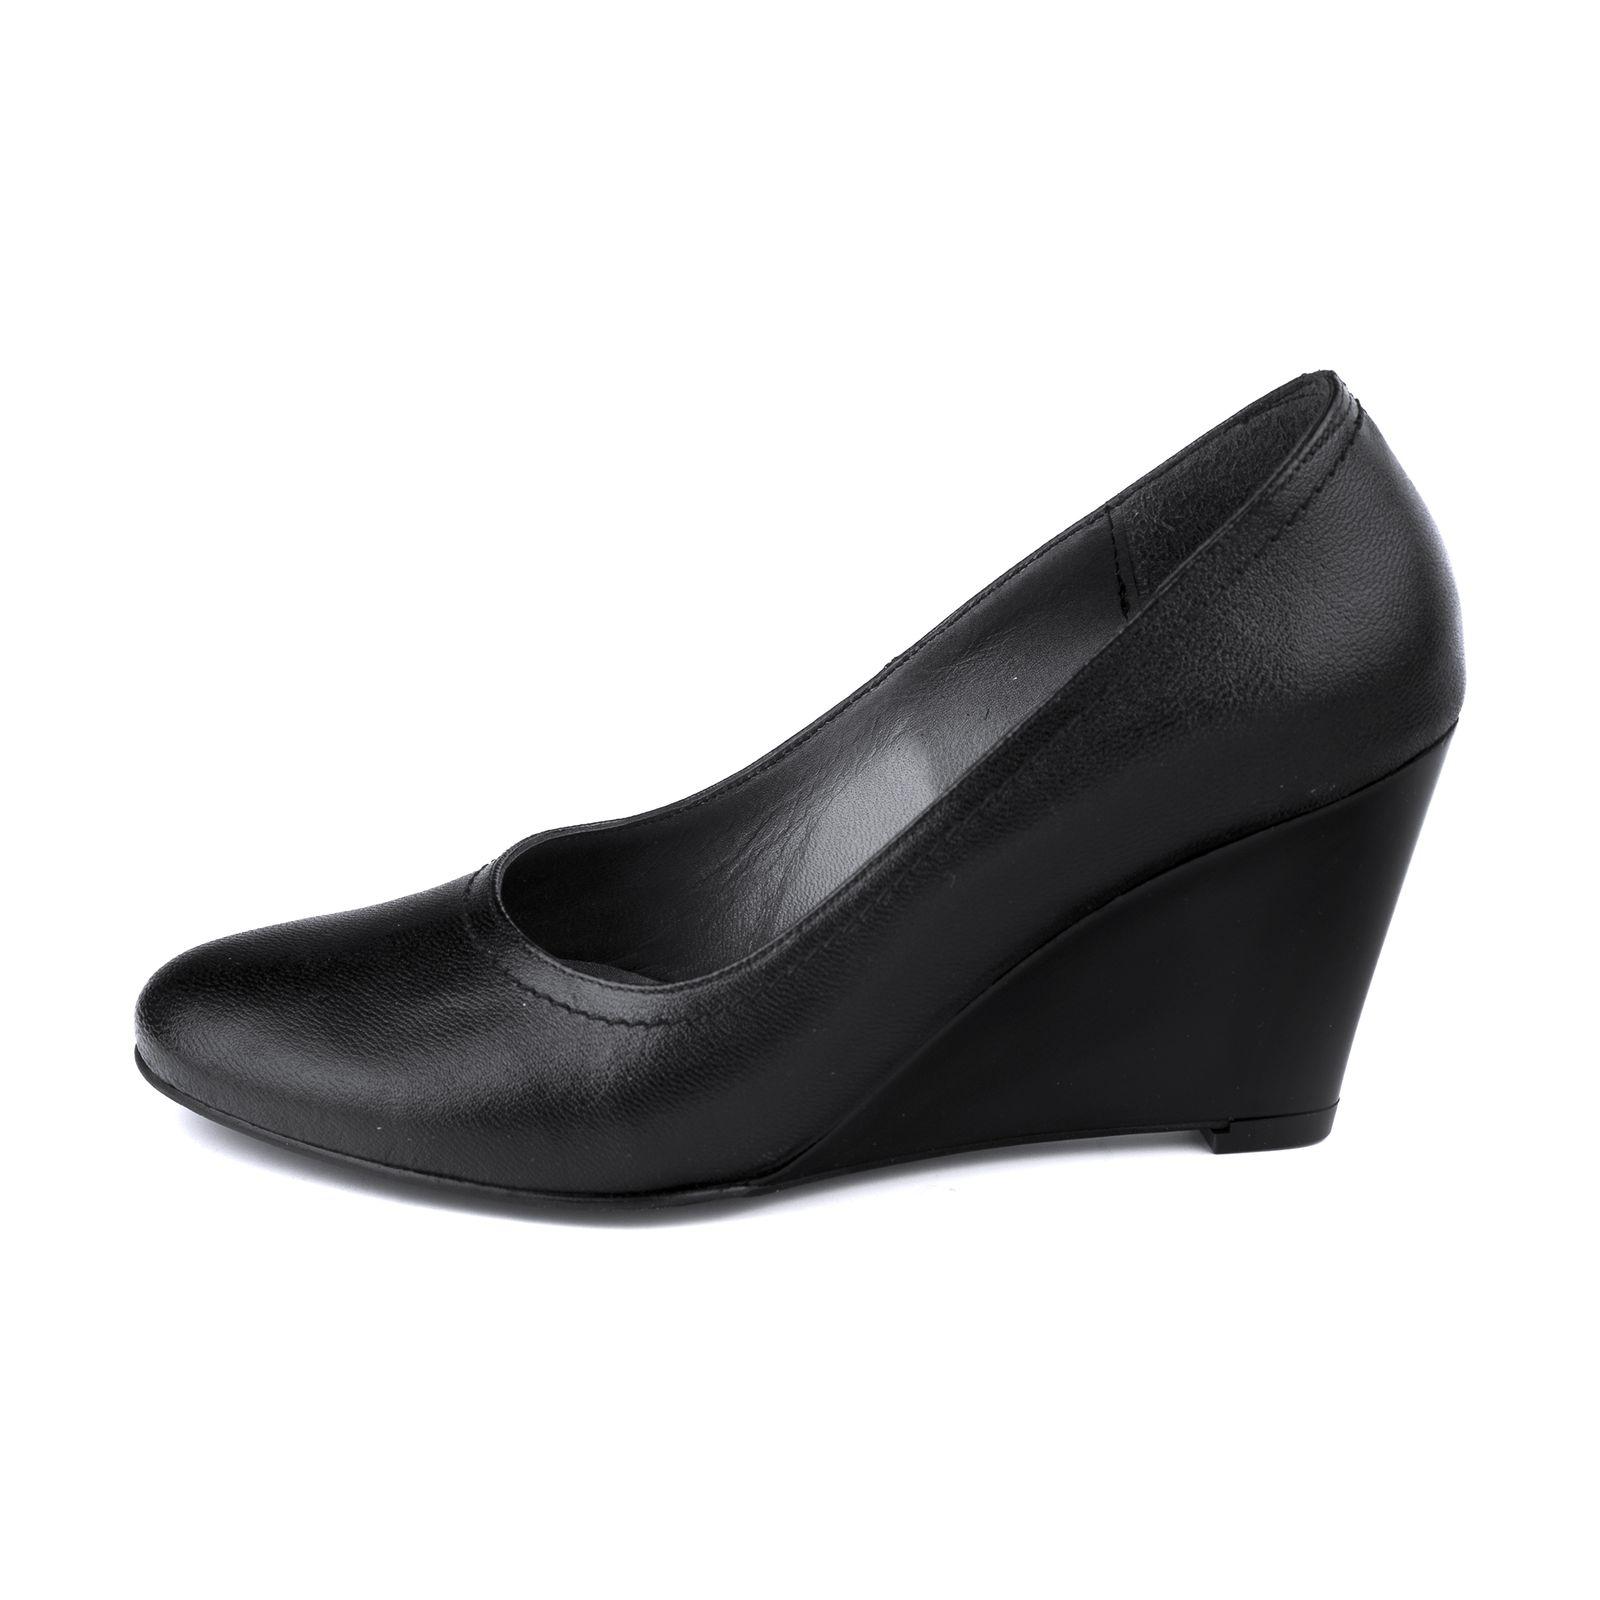 کفش زنانه شهر چرم مدل pc2041 -  - 2